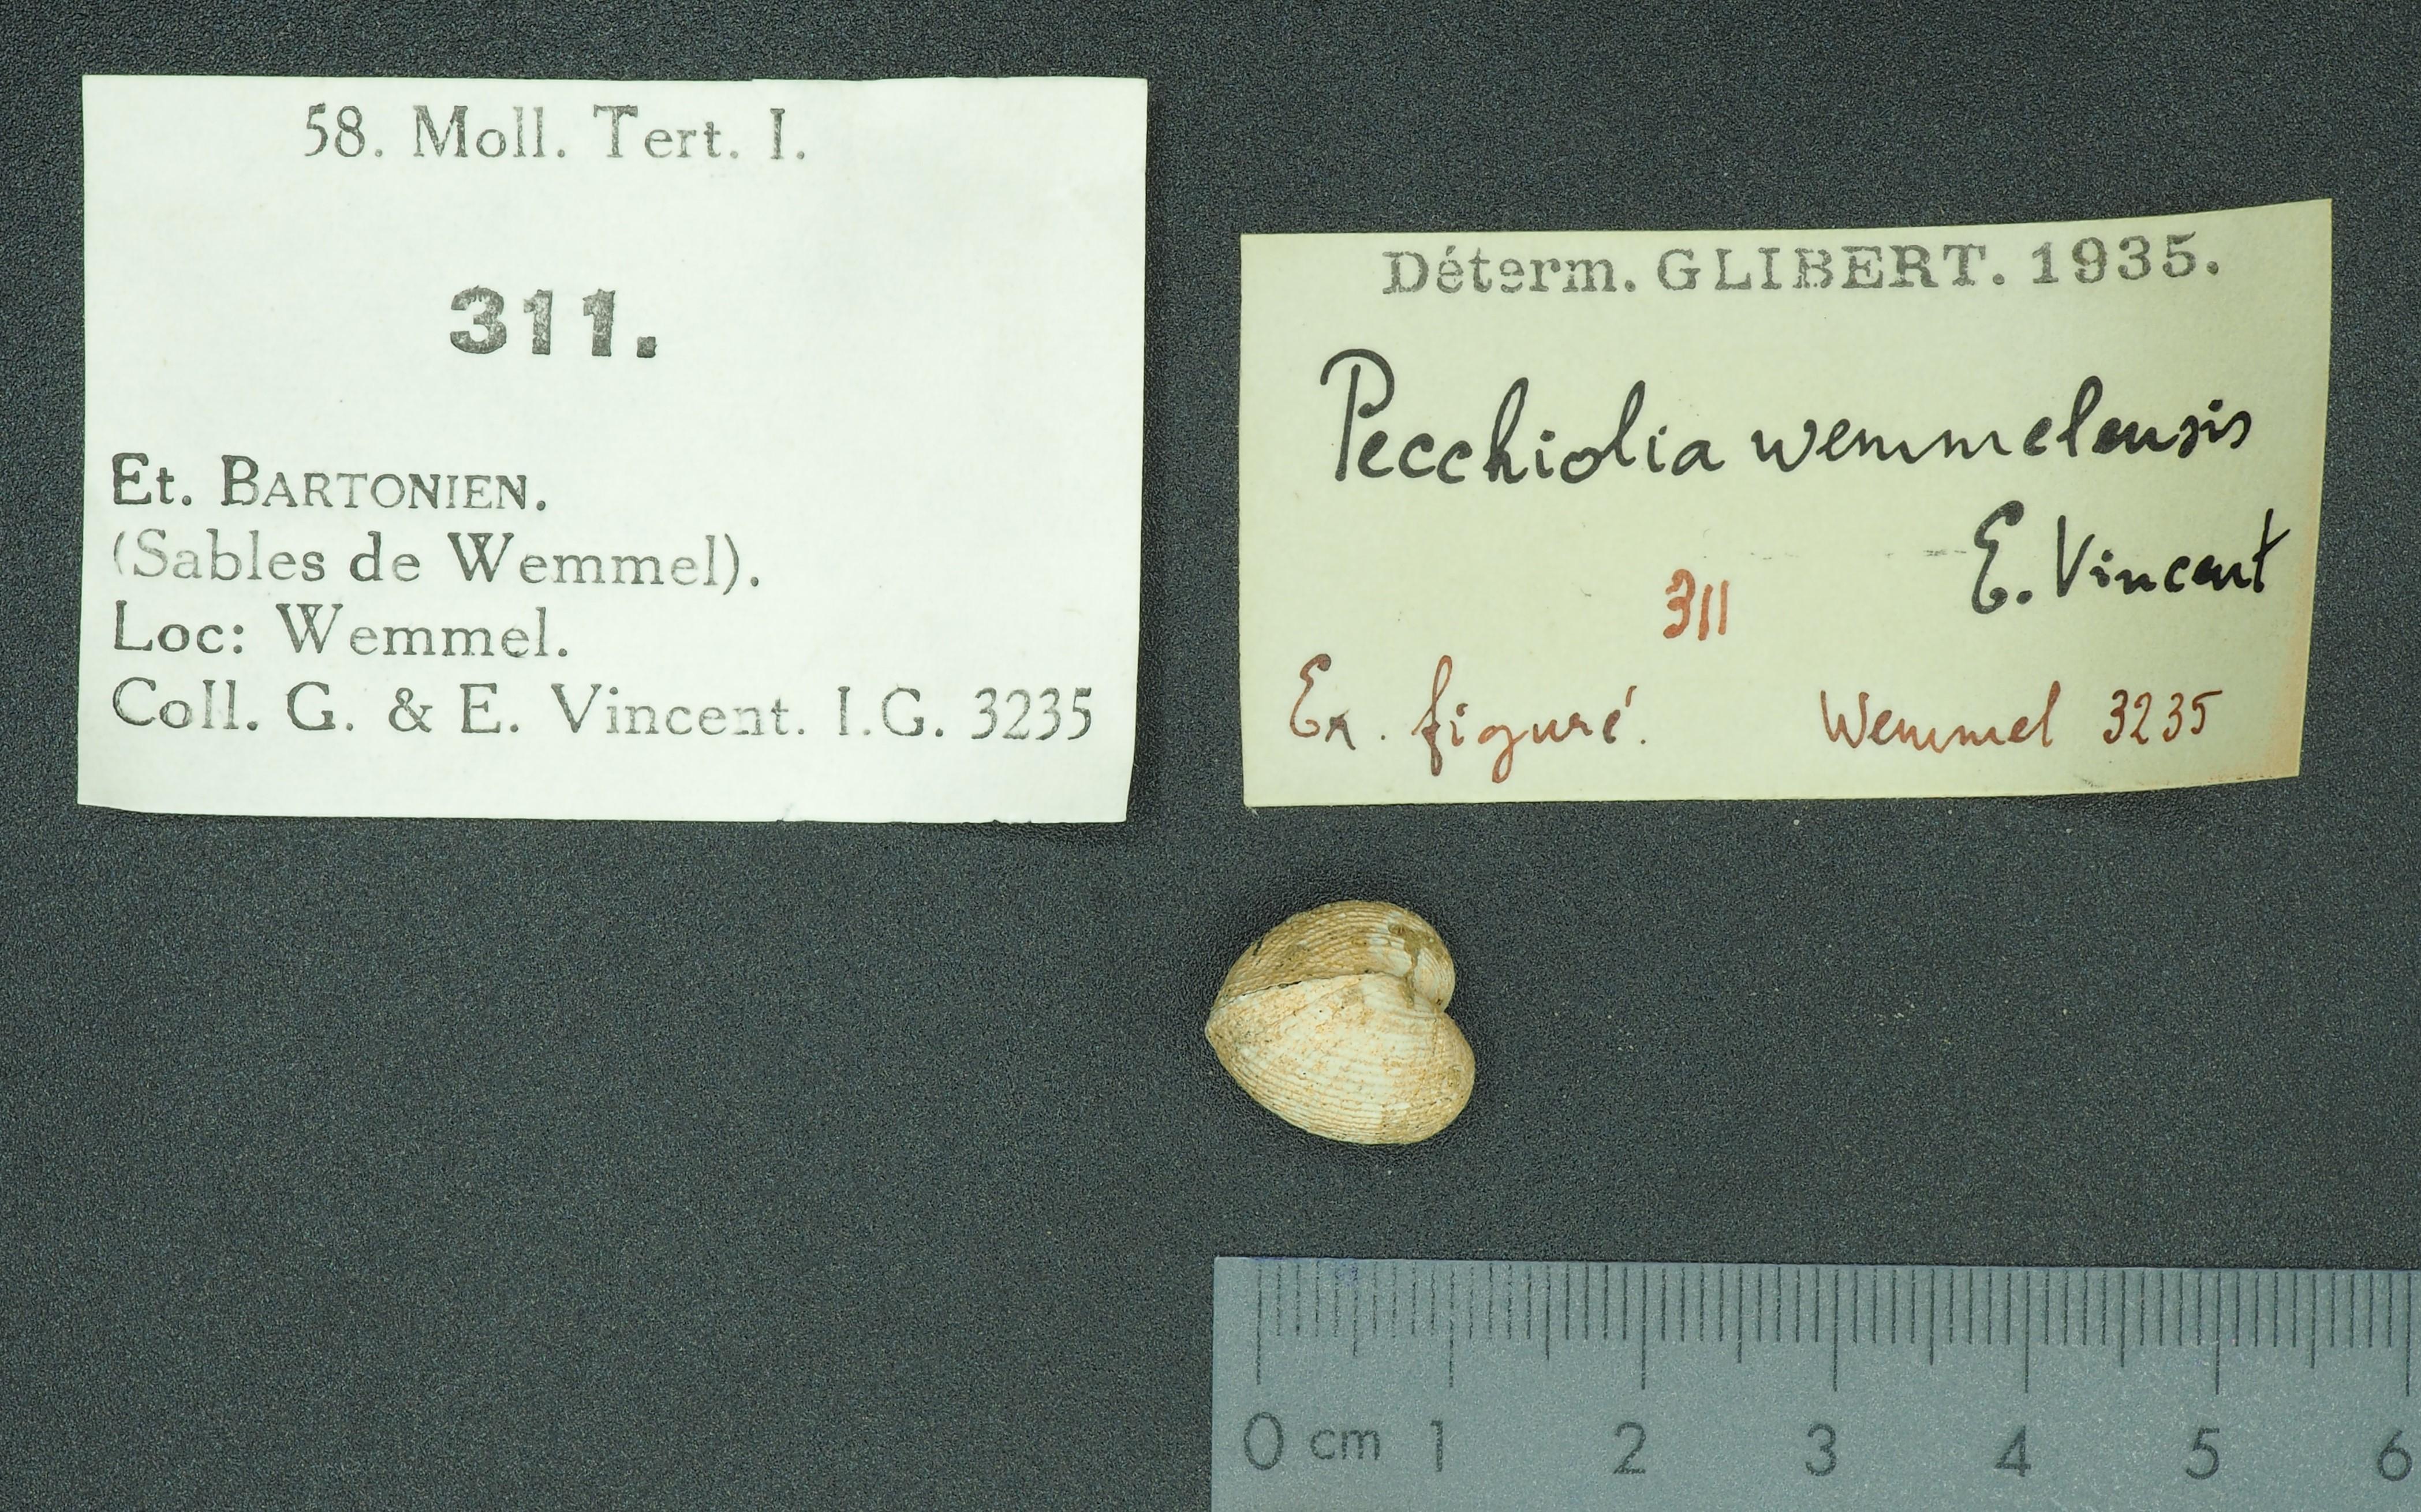 RBINS 311 - Pecchiolia wemmelensis fig Lb